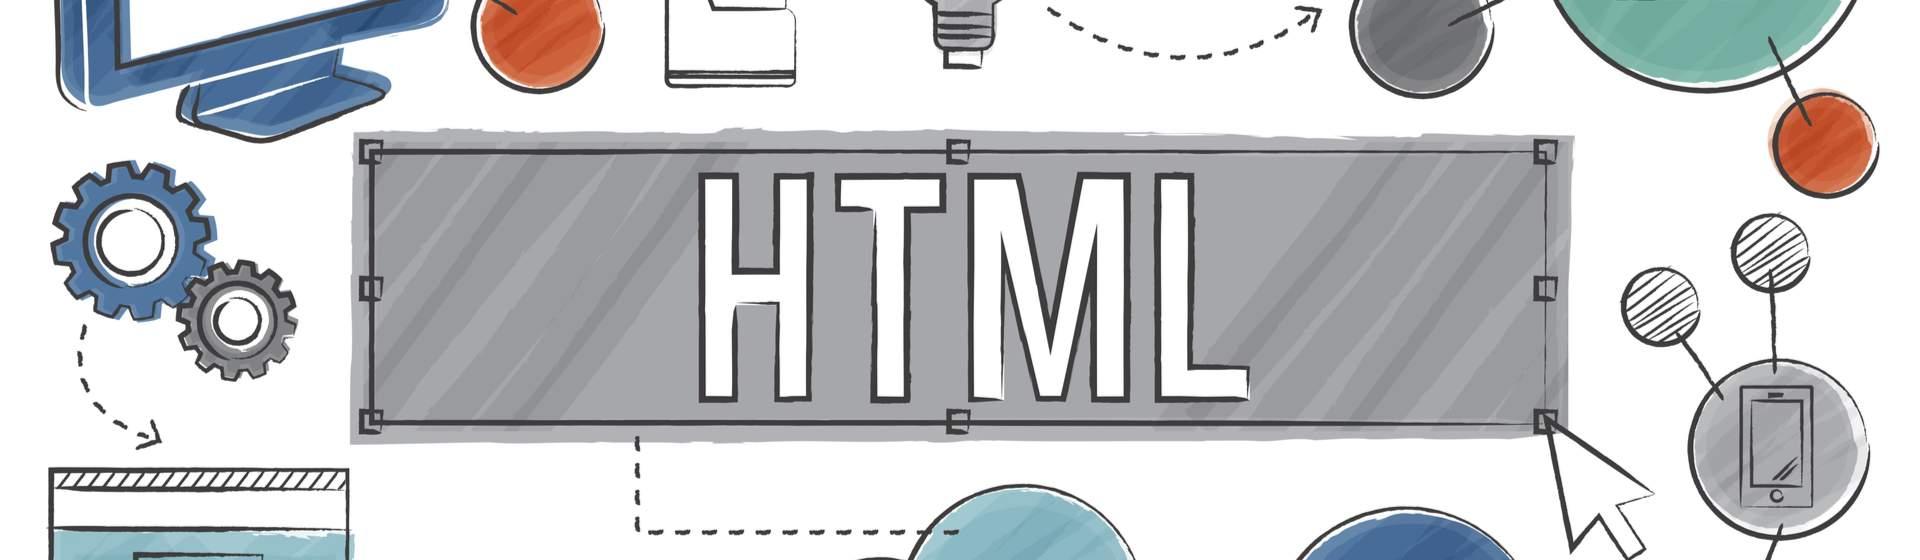 Como converter HTML em PDF: passo a passo